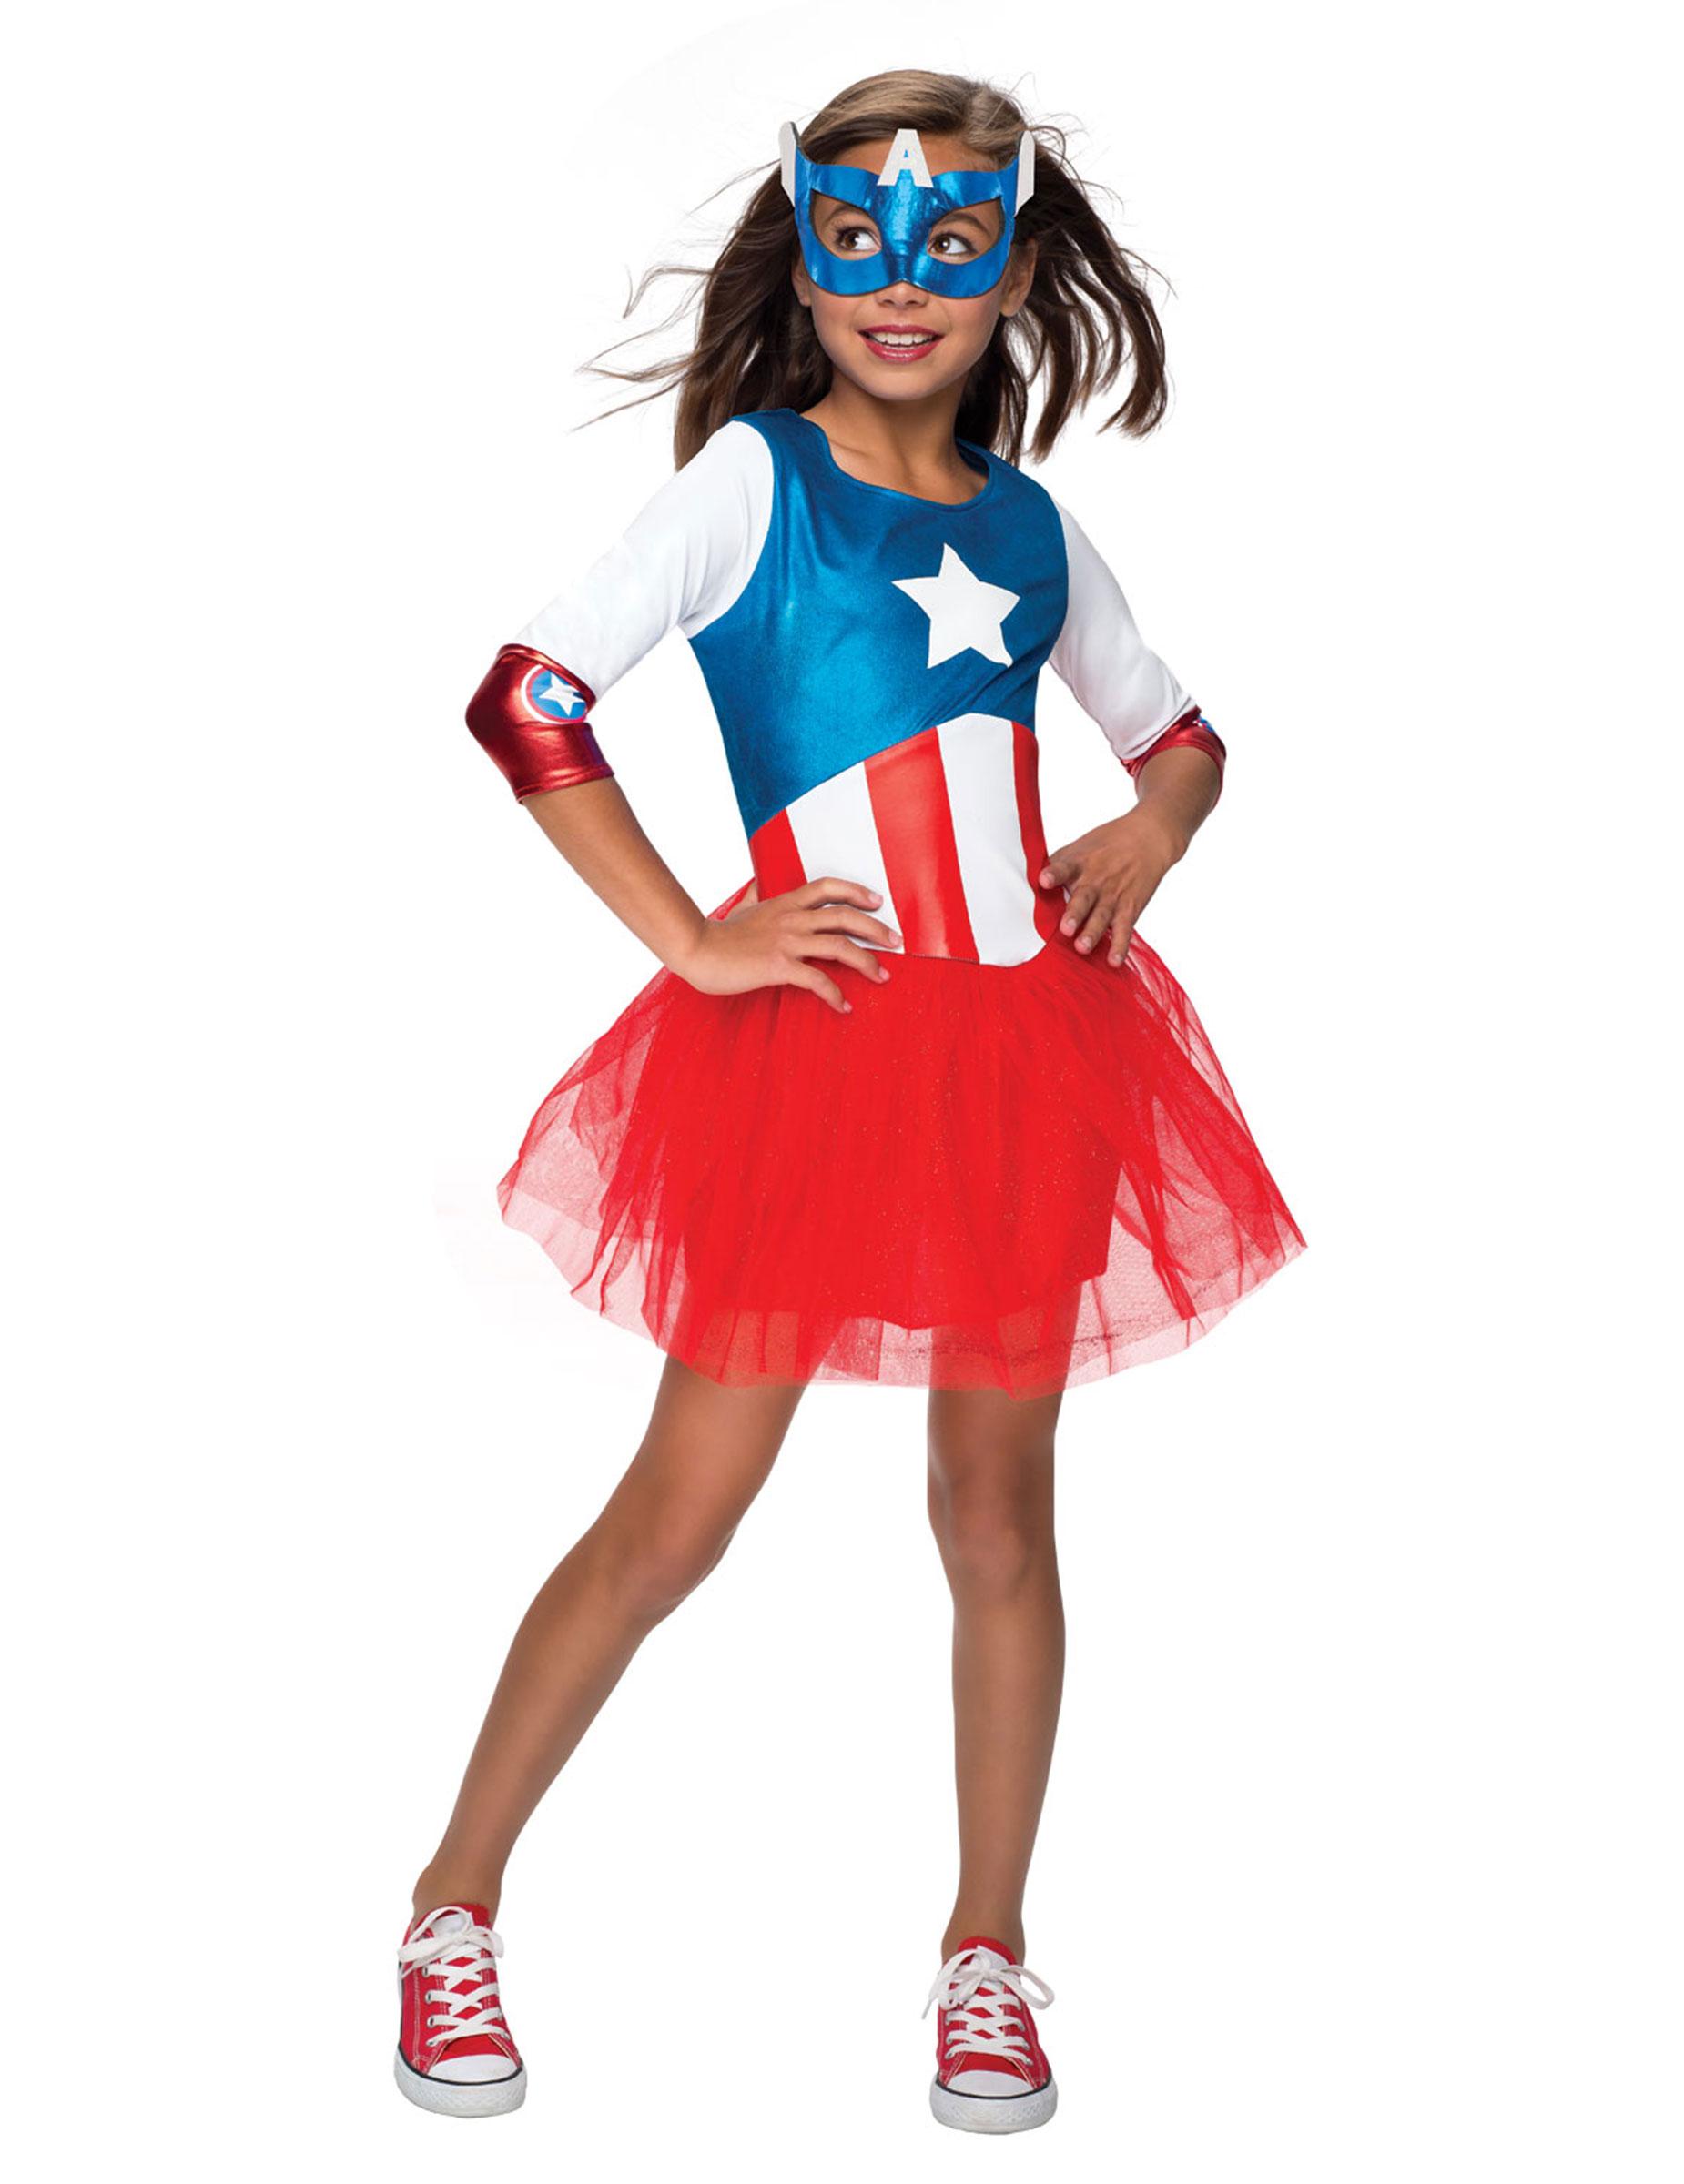 Vestiti American American Vestiti Bambini American Bambini Vestiti American Bambini Bambini Vestiti hQxtdsrC